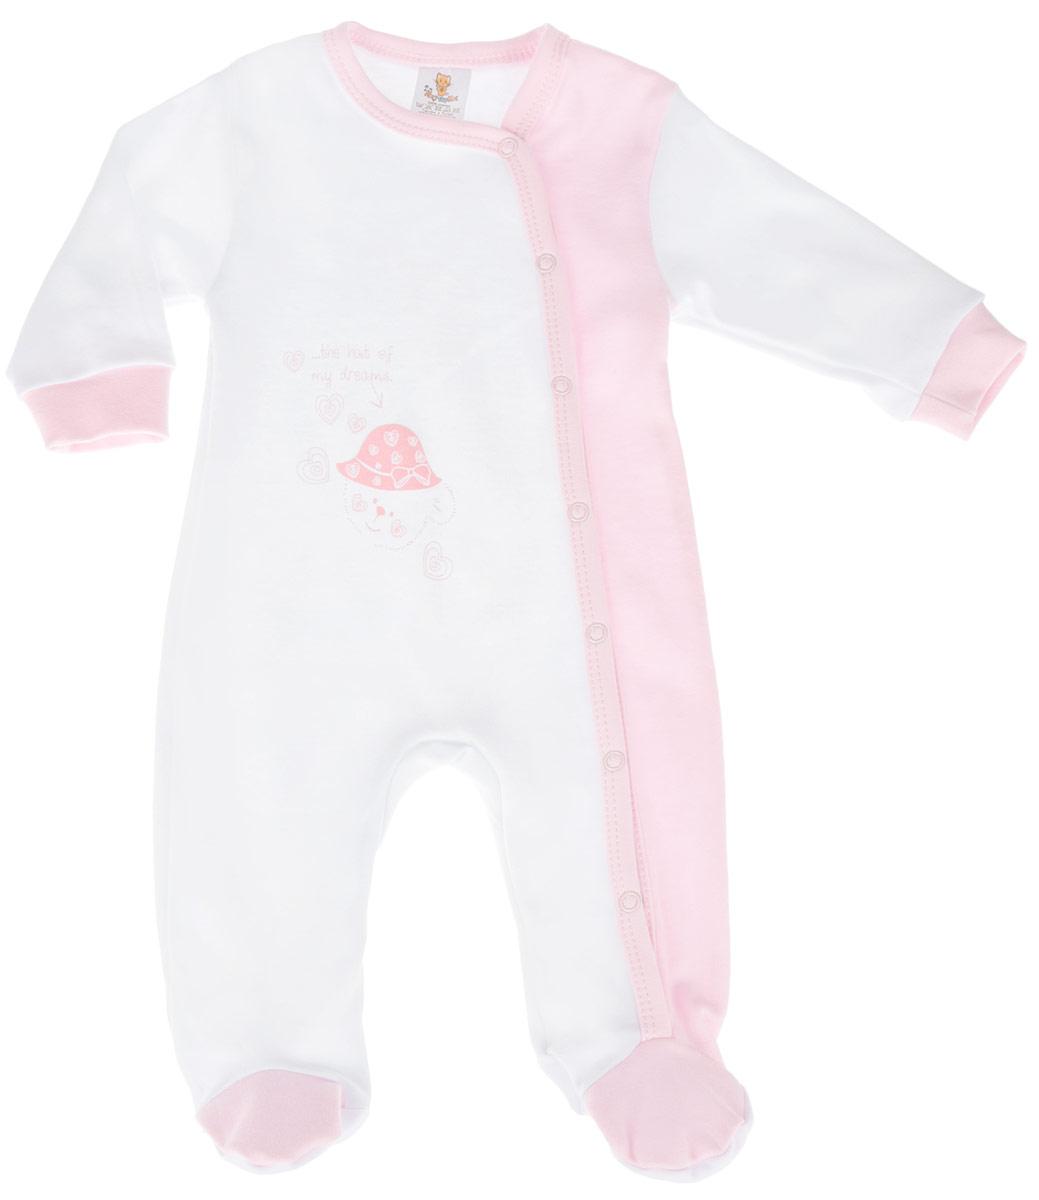 Комбинезон детский КотМарКот Мишка в шляпе, цвет: белый, светло-розовый. 3675. Размер 68, 3-6 месяца